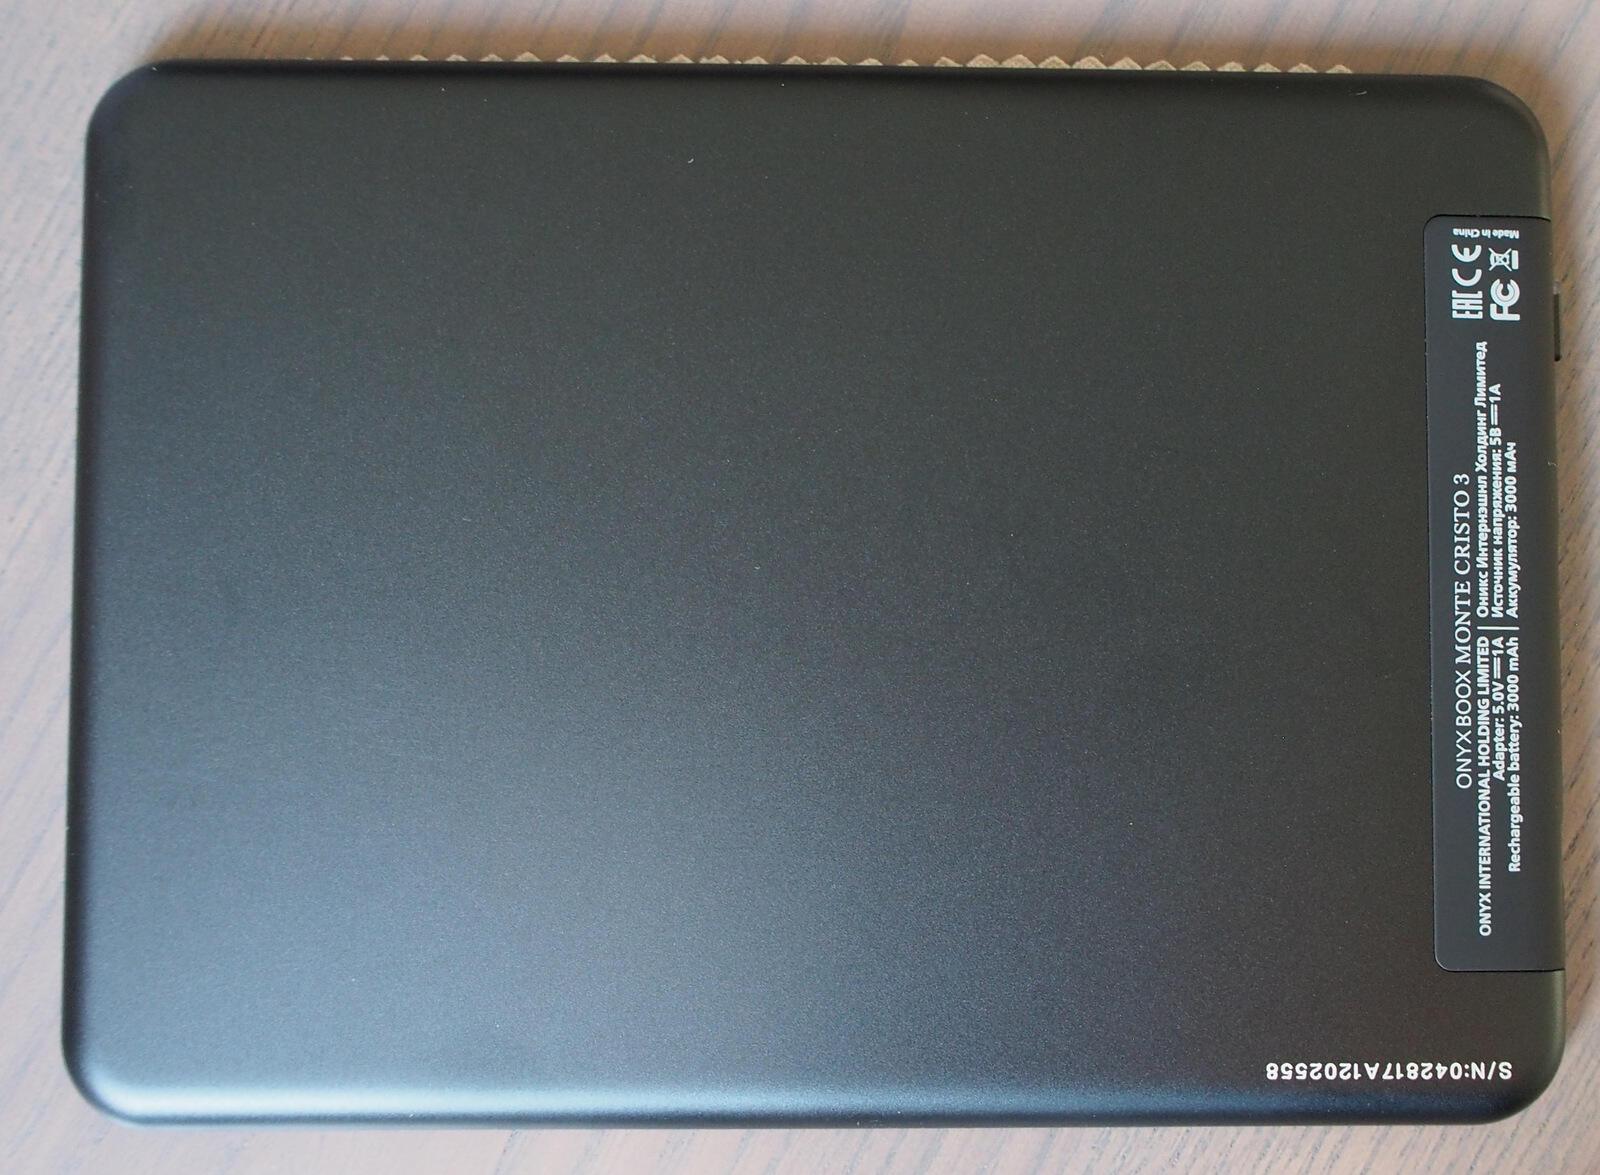 Planshety i elektronnye knigi - Obzor elektronnoy knigi ONYX Boox Monte Cristo 3. Novyy graf